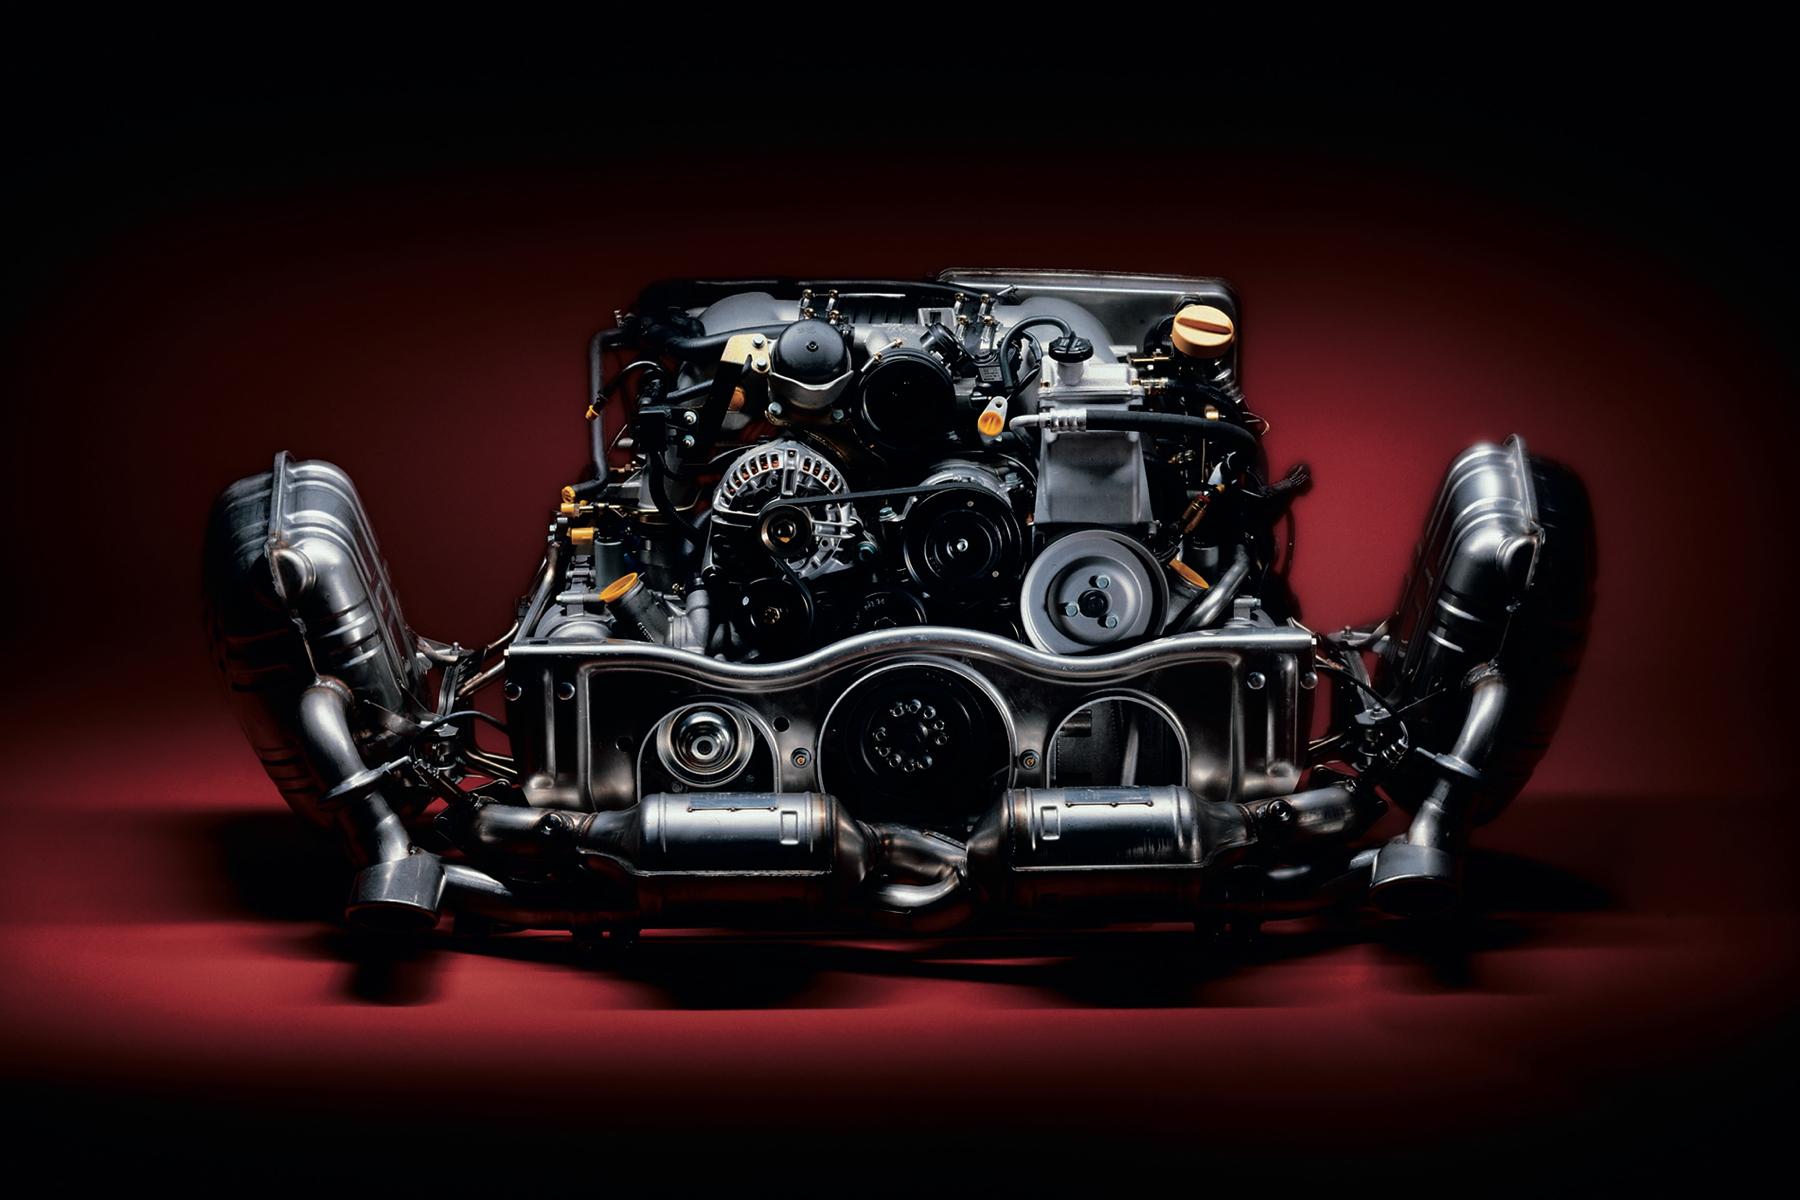 Porsche 911 Engine Diagram 1986 Flat 6